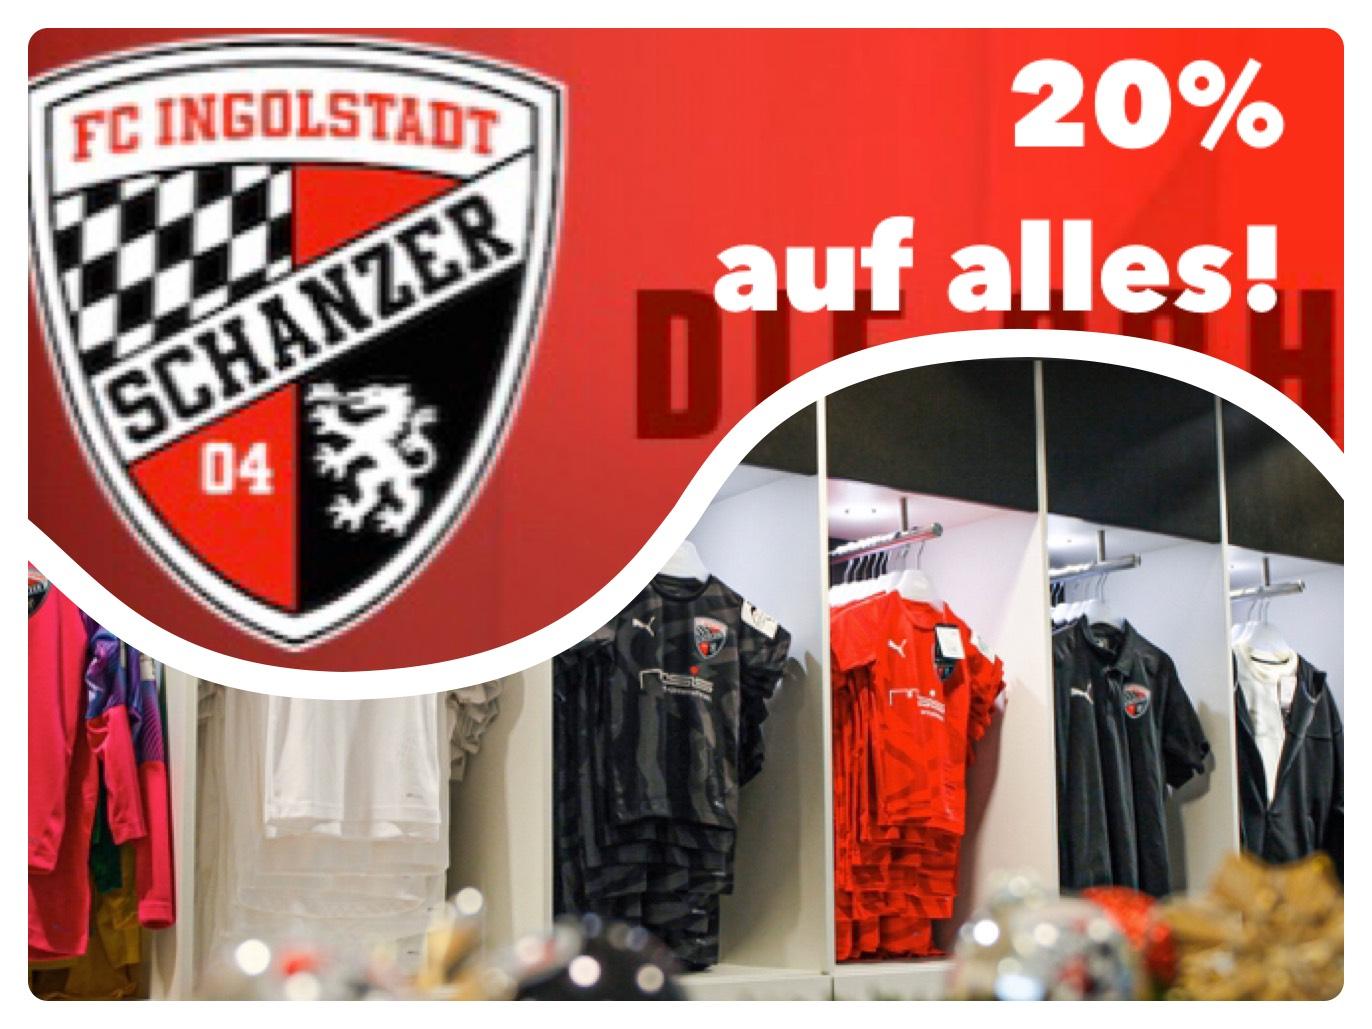 [Lokal Ingolstadt] 20% auf alles im FC Ingolstadt Shop in der Innenstadt